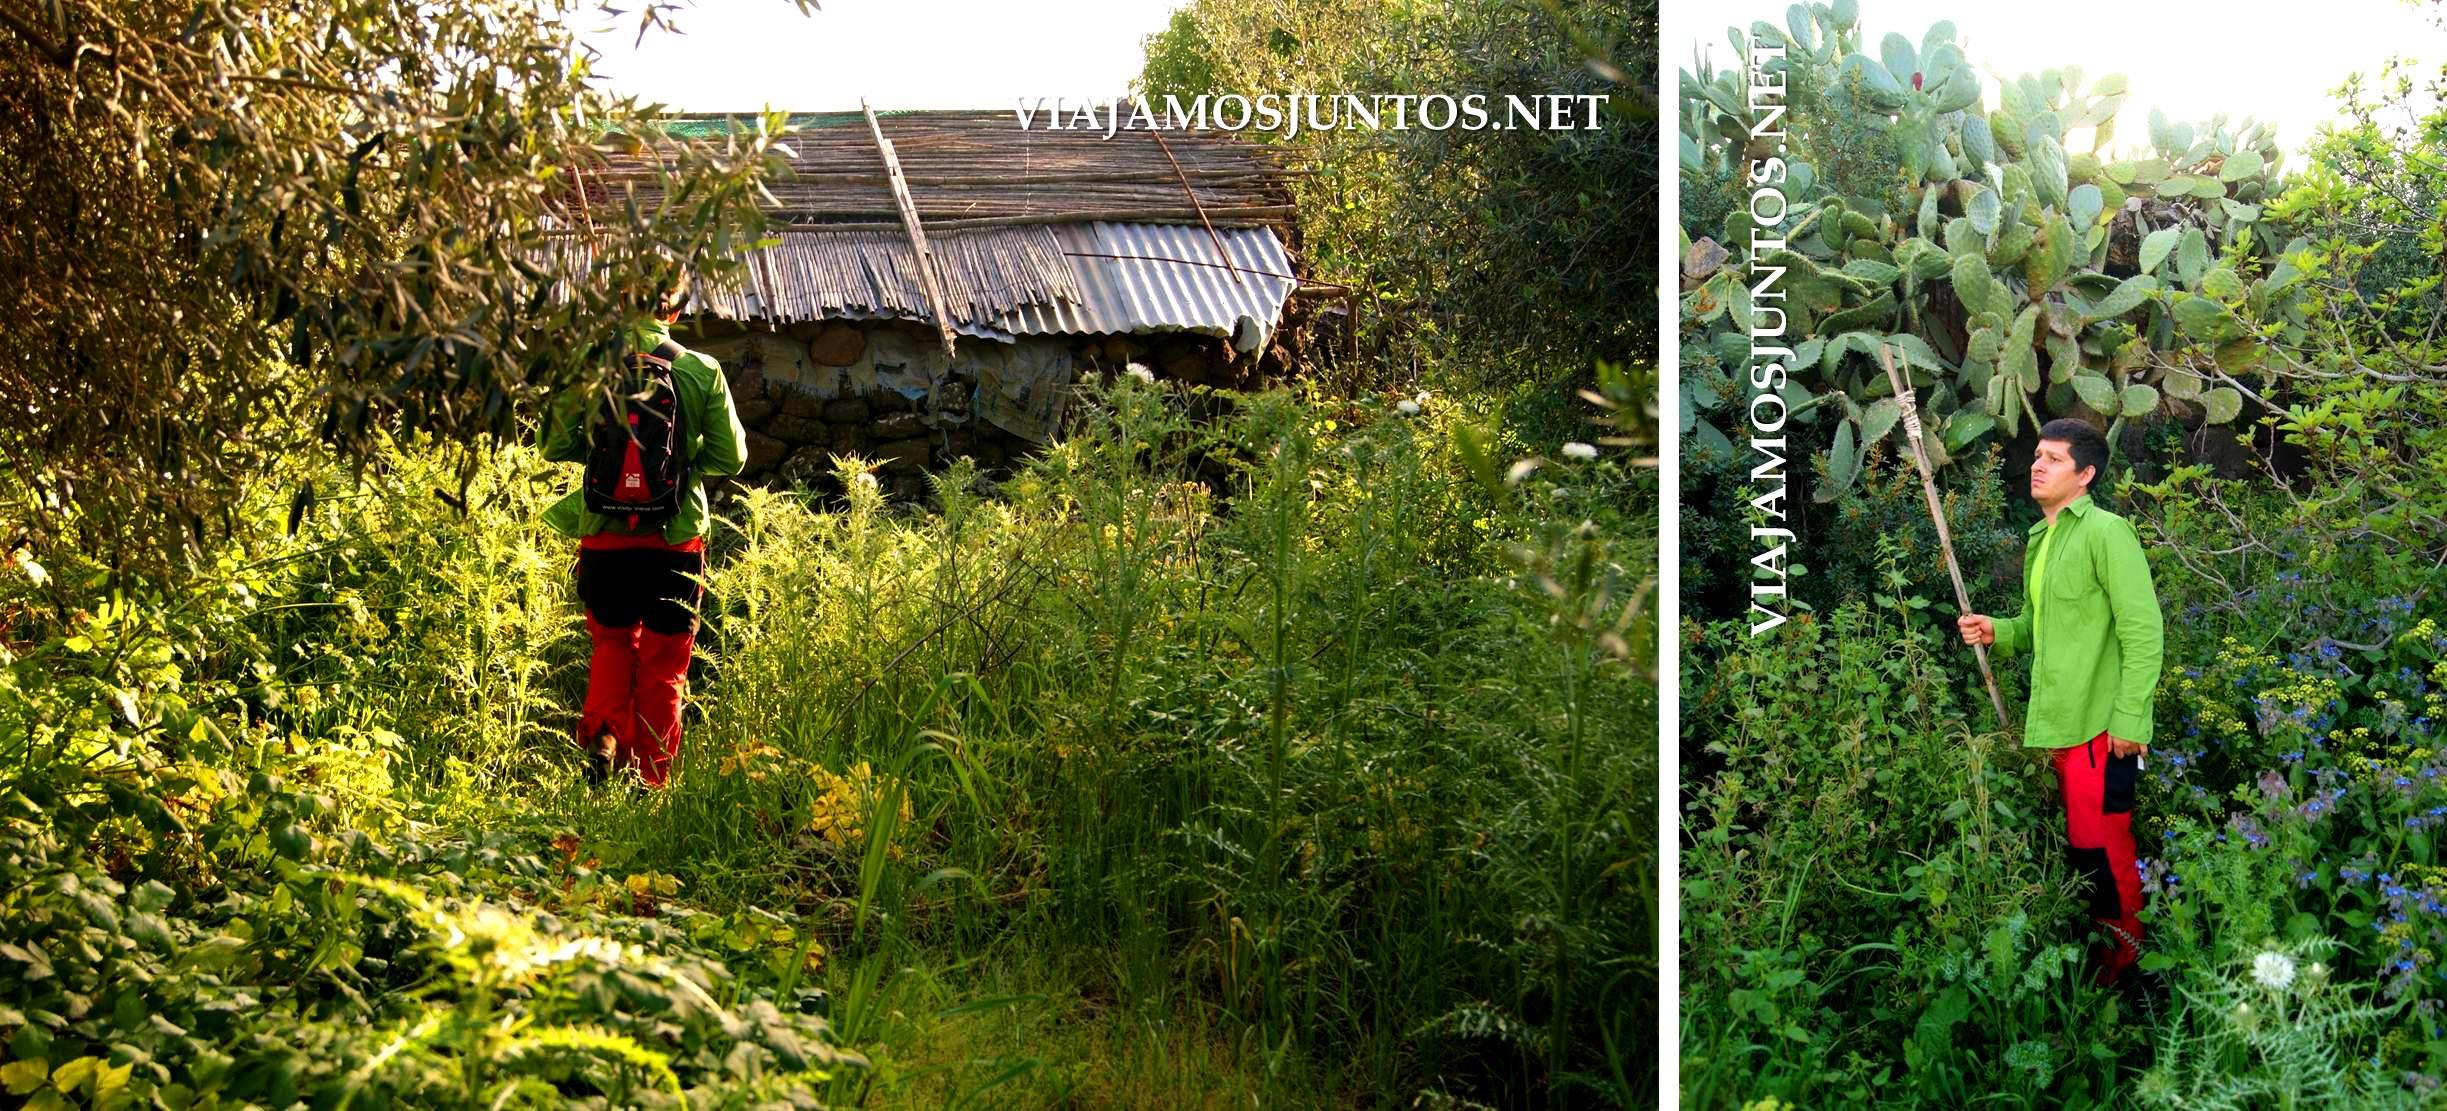 Buscando el nuraghe escondido entre la vegetación... también encontramos un nuraghe reutilizado ;)))